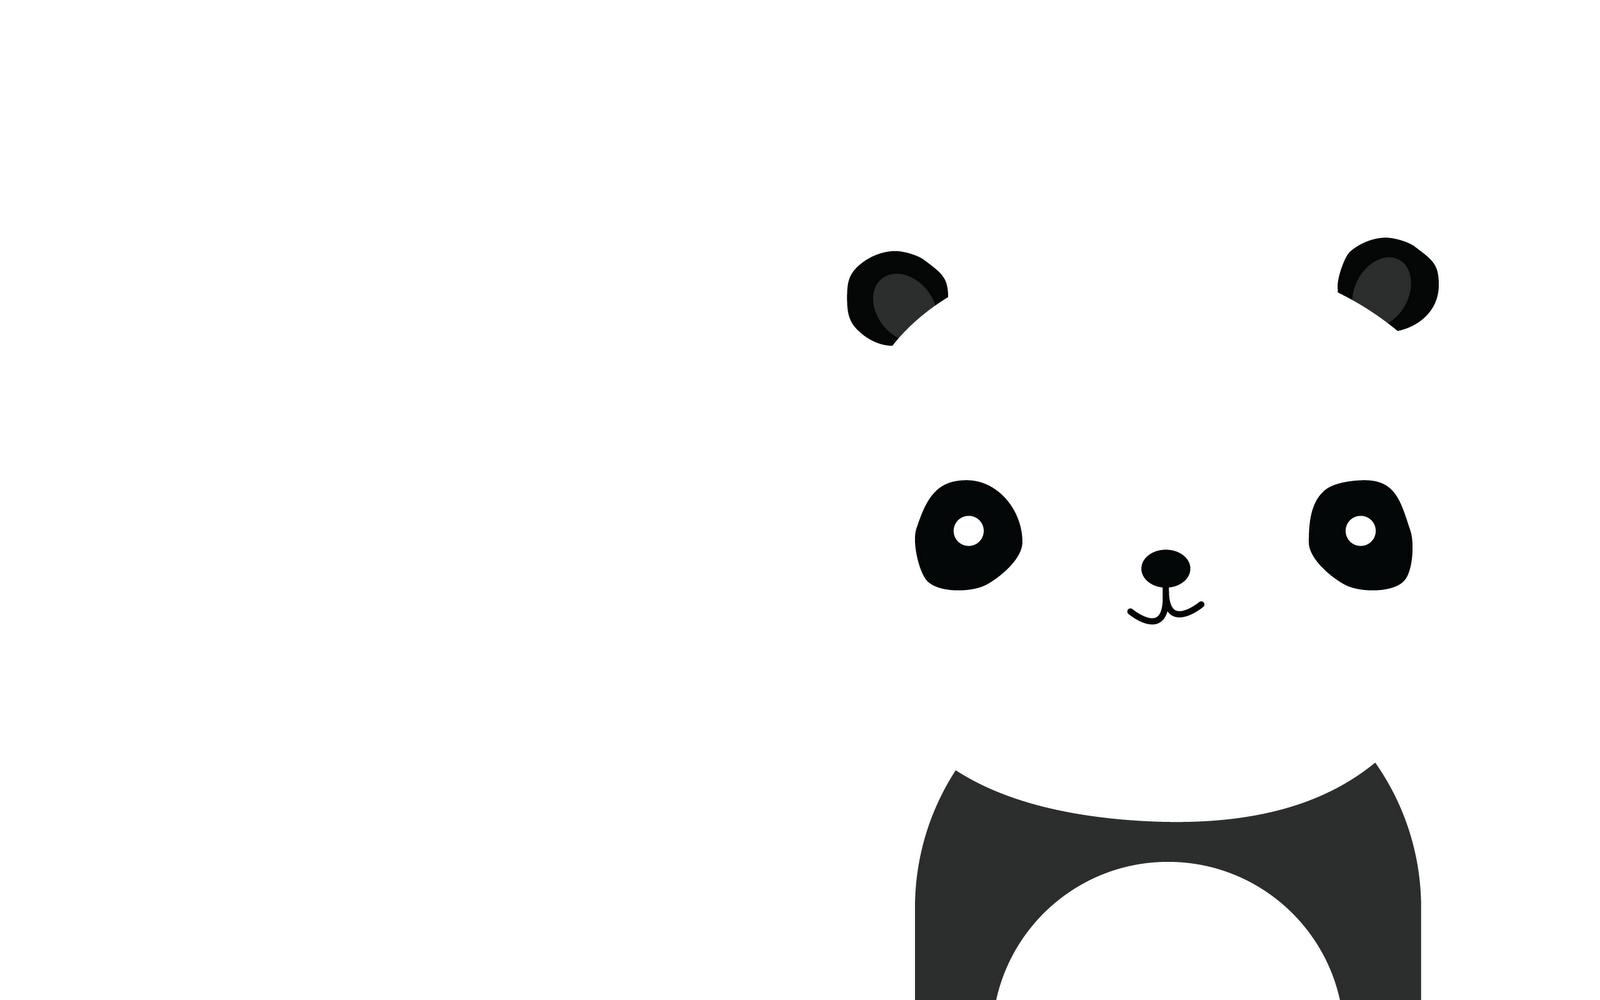 48 Cute Tumblr Wallpapers For Laptop On Wallpapersafari